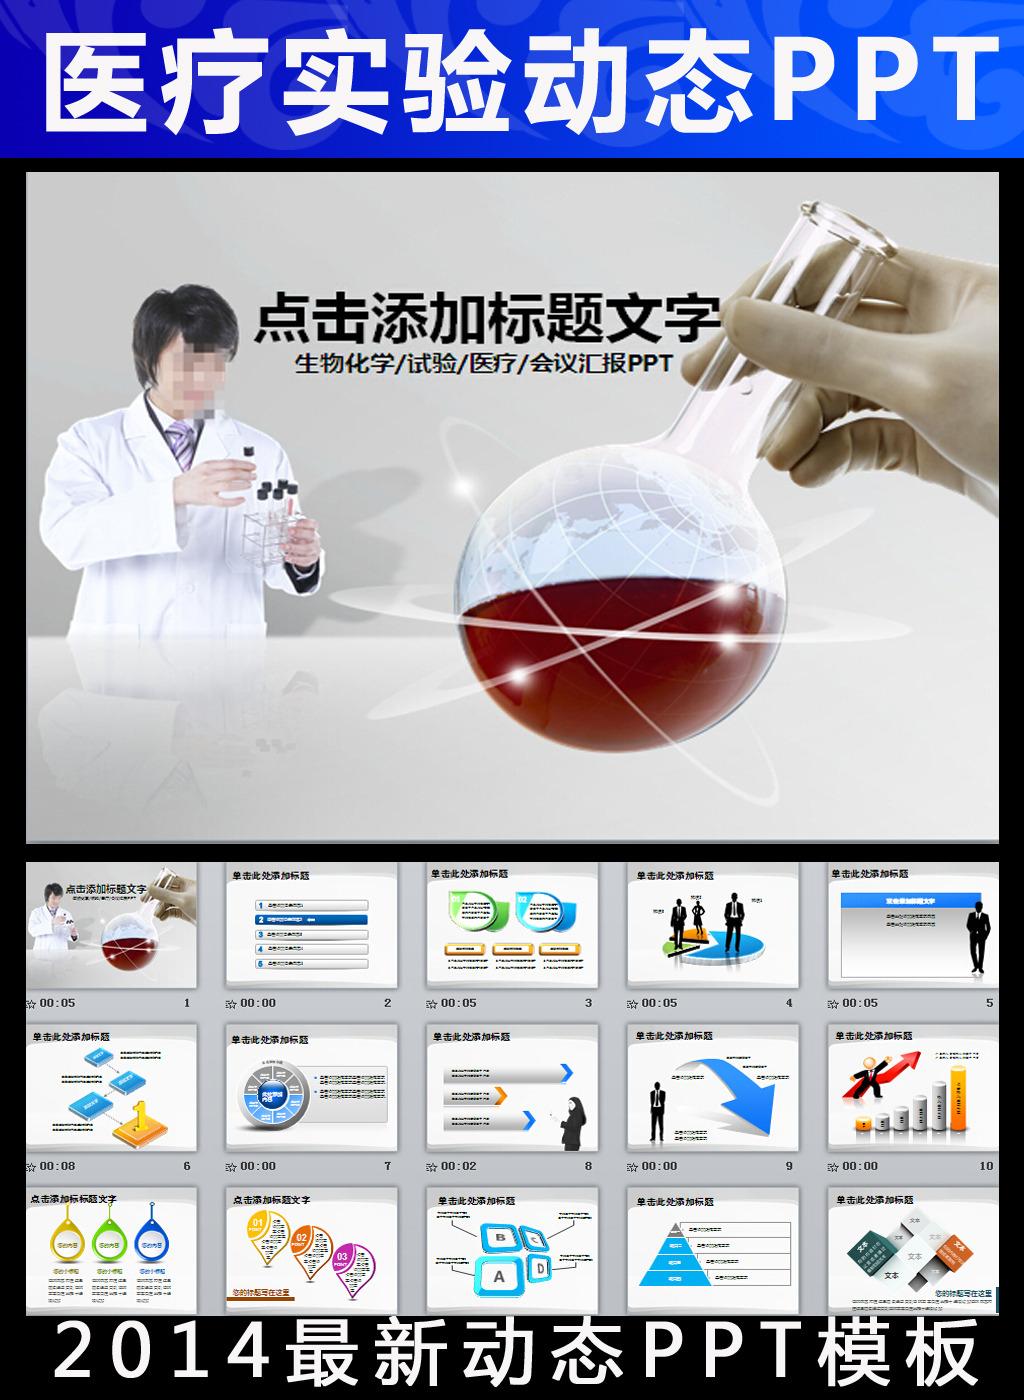 生物化学科学研究实验报告ppt模板下载(图片编号:)